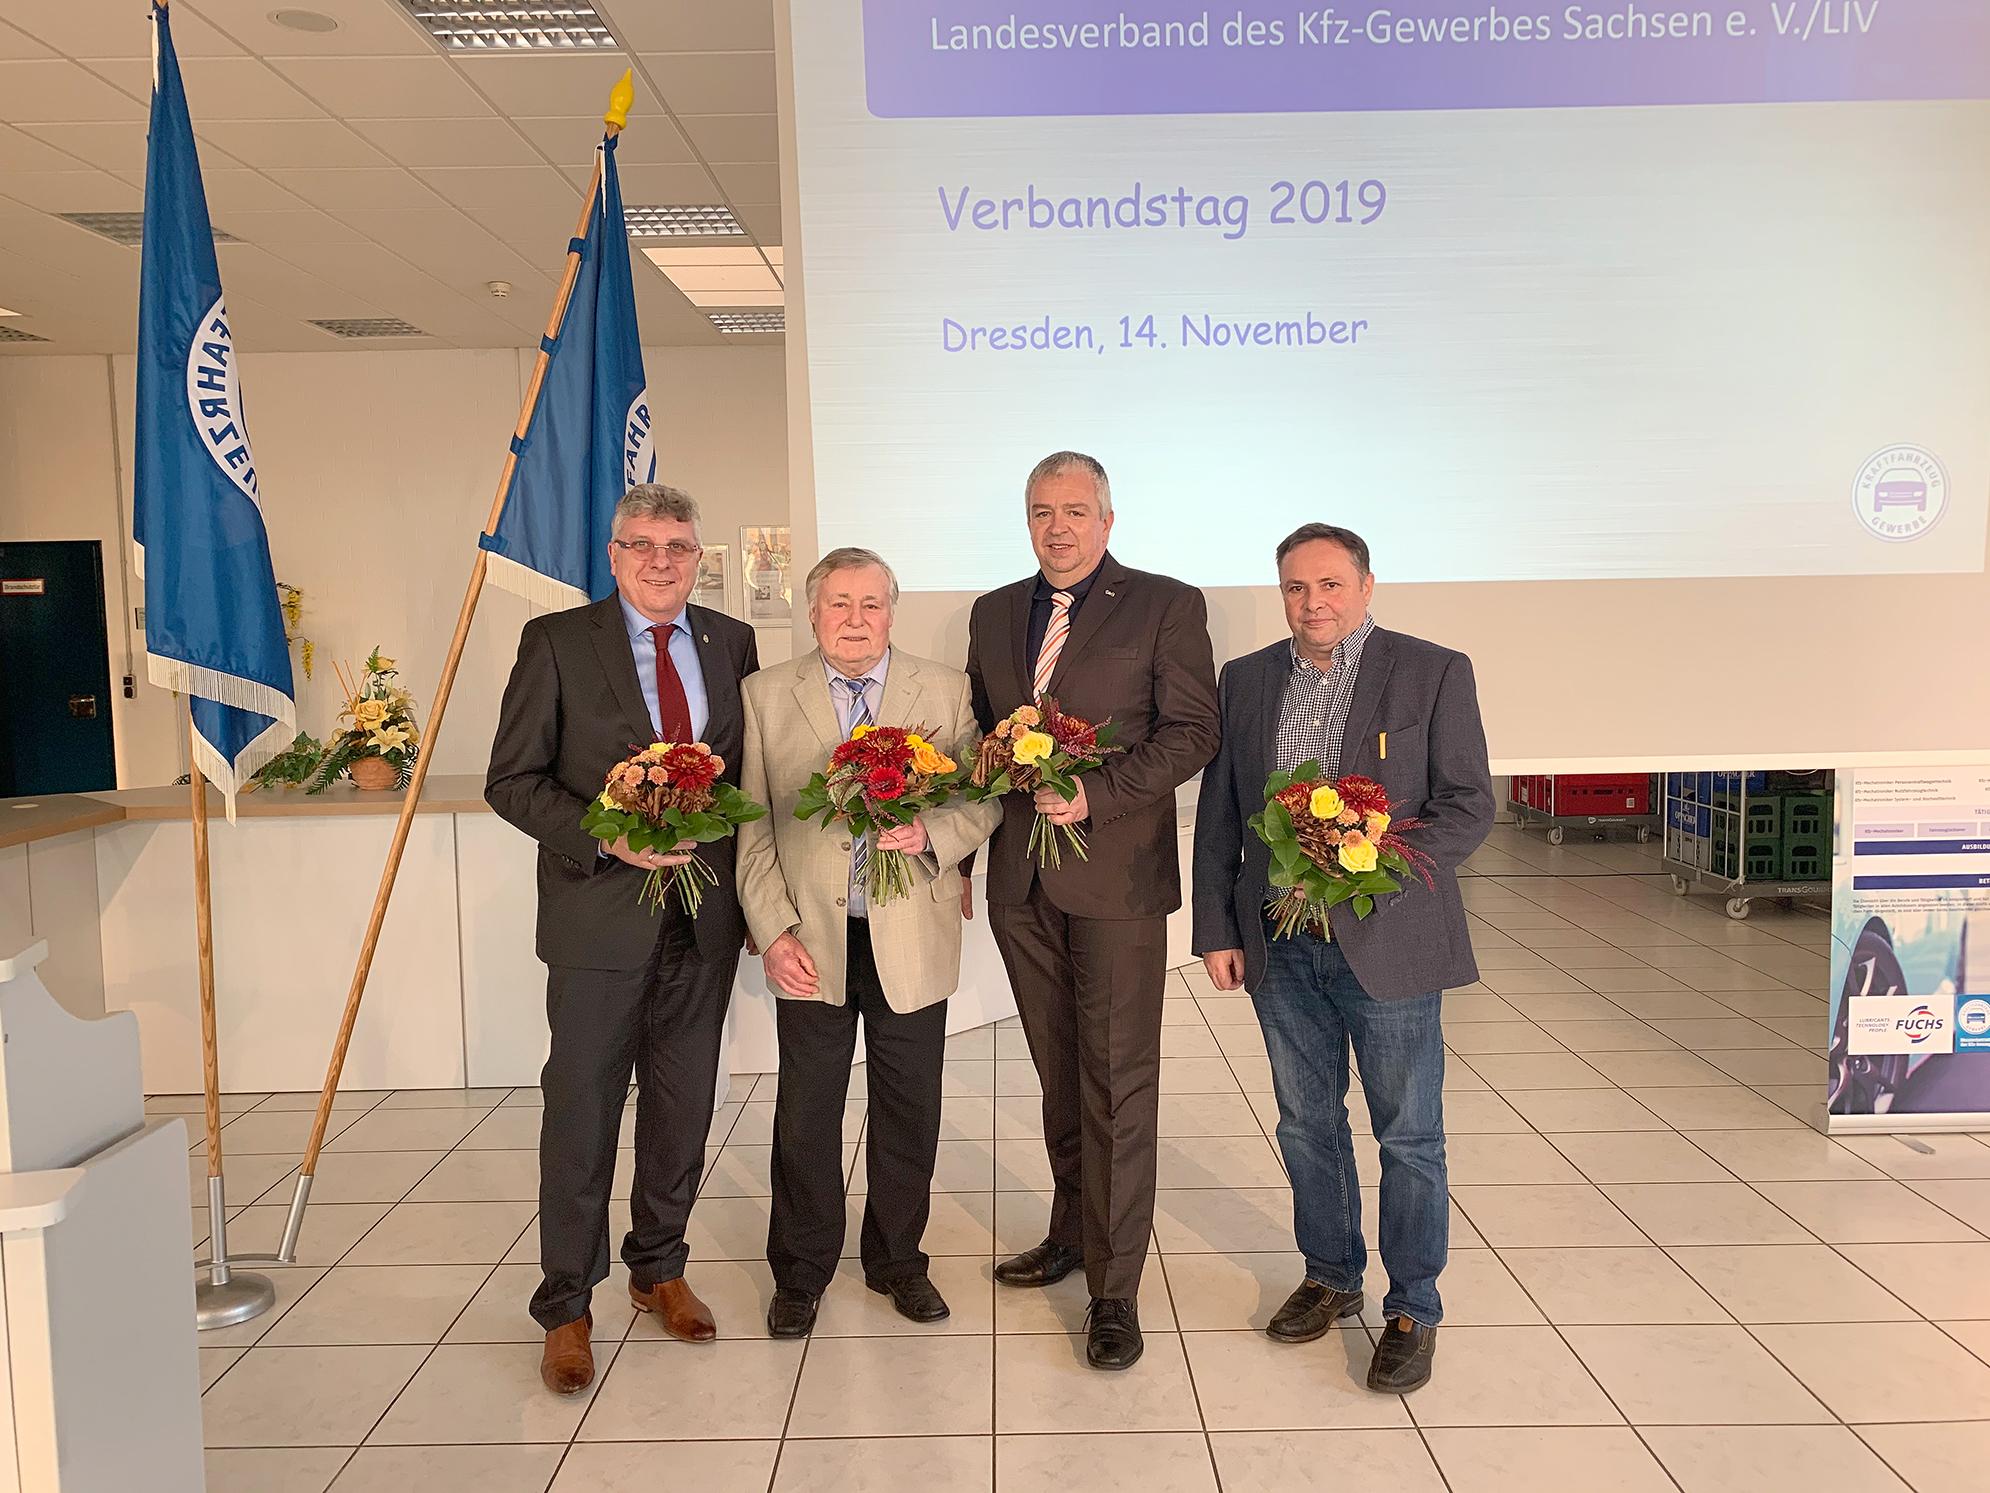 Wolfgang Seifert (2. v. l.) mit dem neugewählten Präsidenten Ralf Herrmannsdorf und den Vorstandsmitgliedern Michael Schneider und Henry Siebeneicher (v. l.)